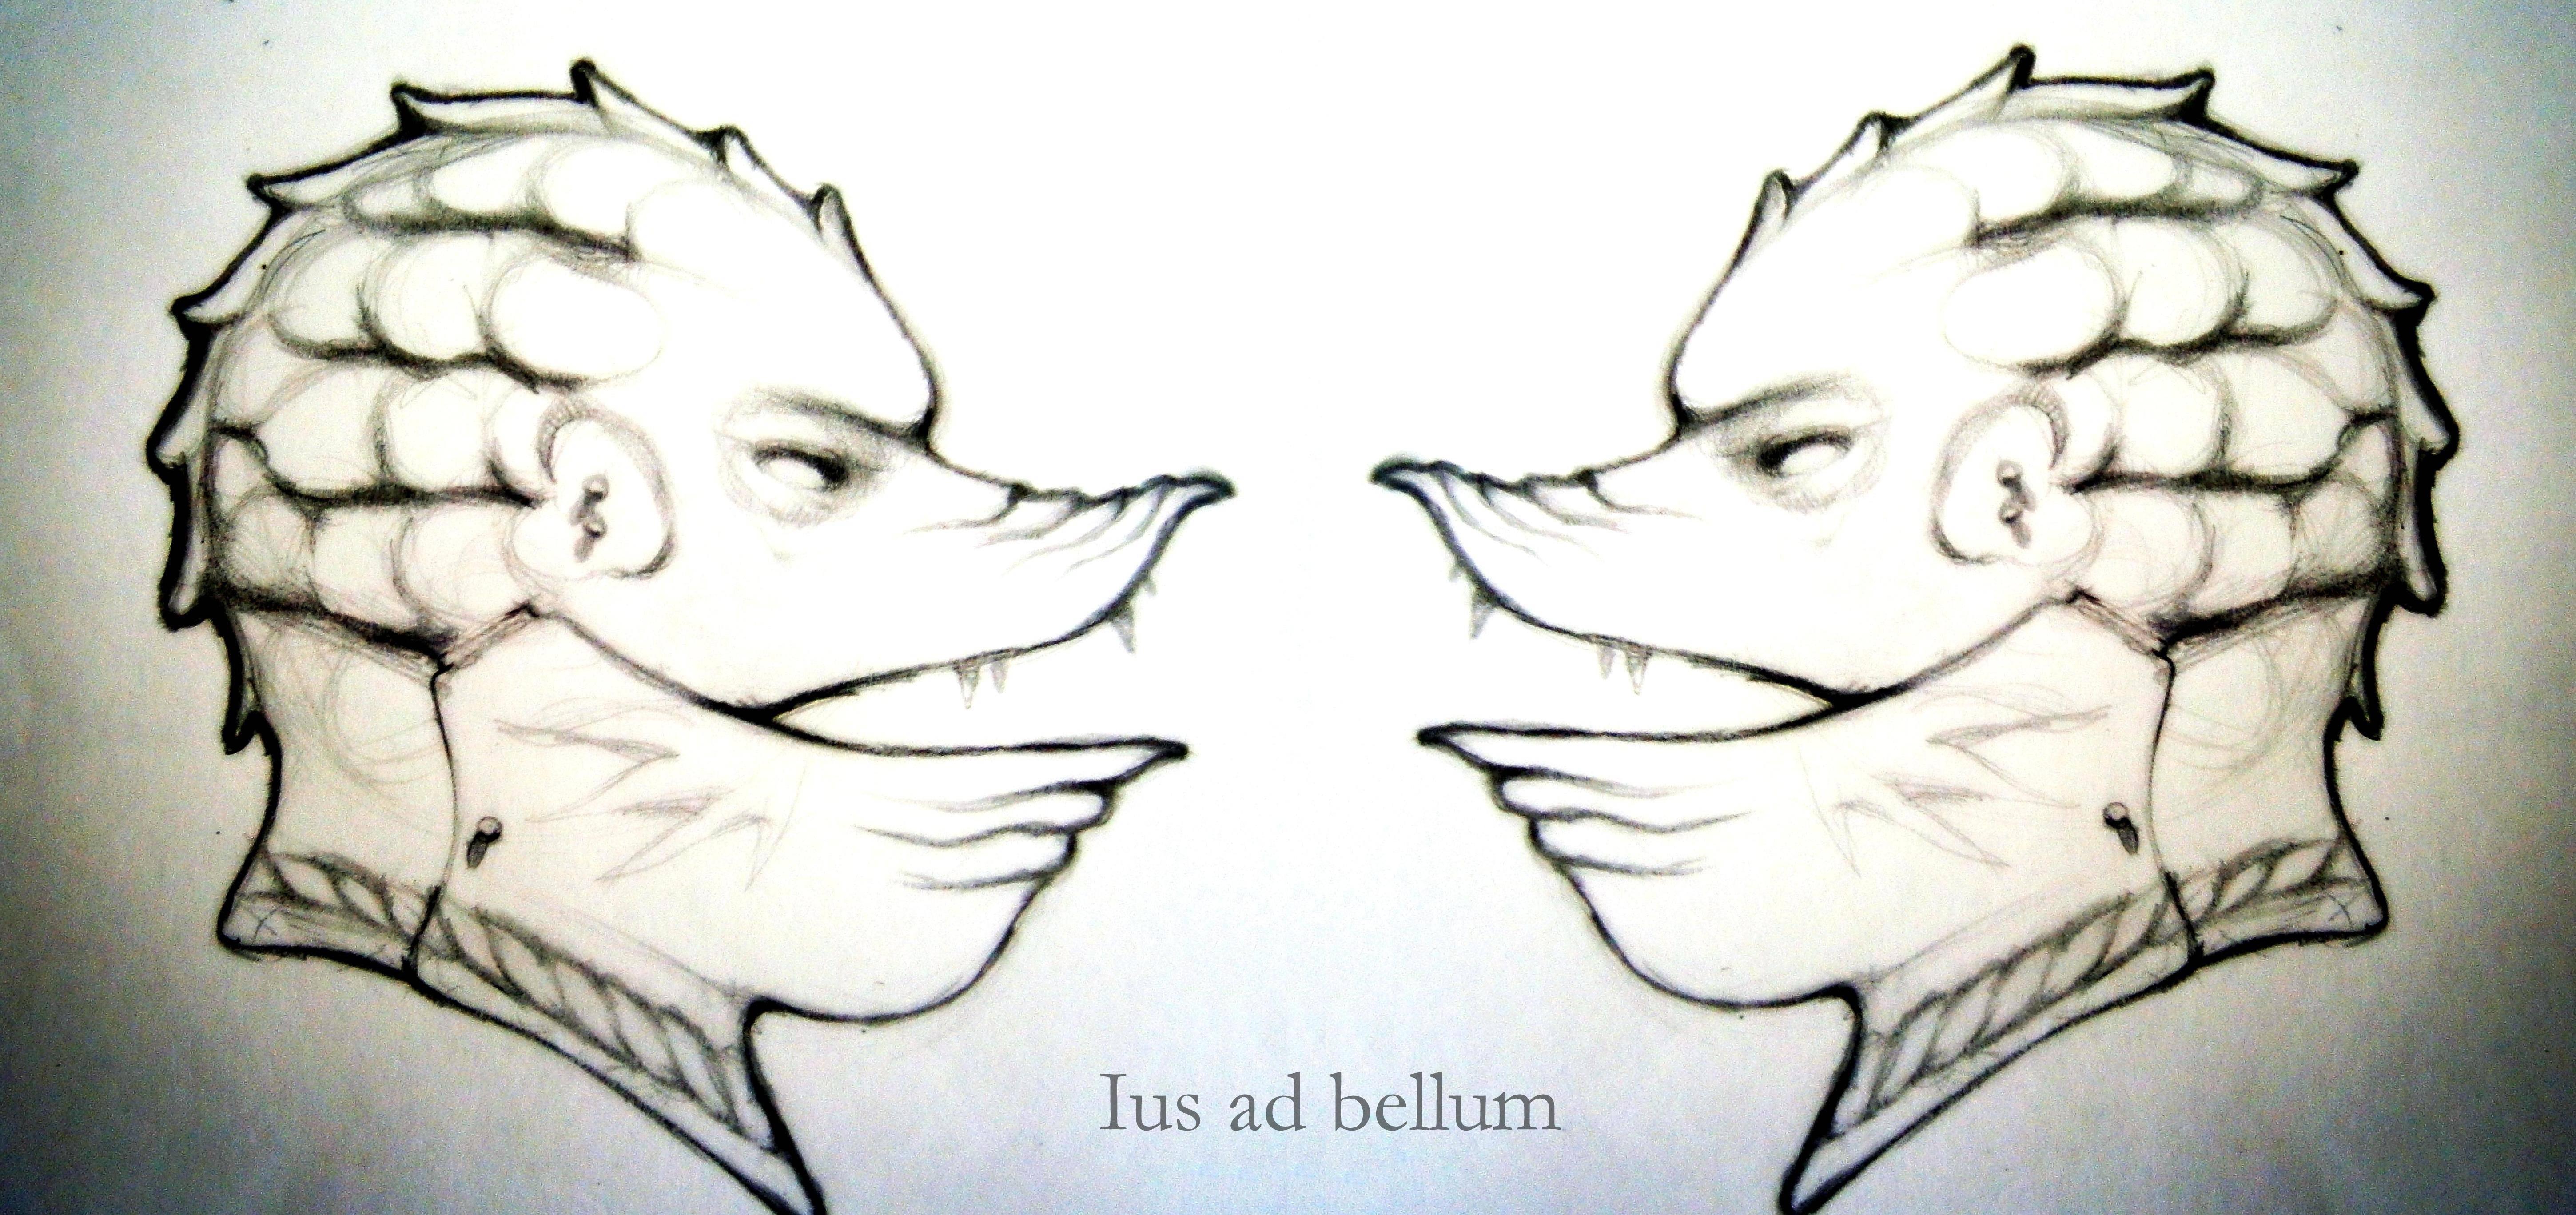 ius ad bellum cabecera